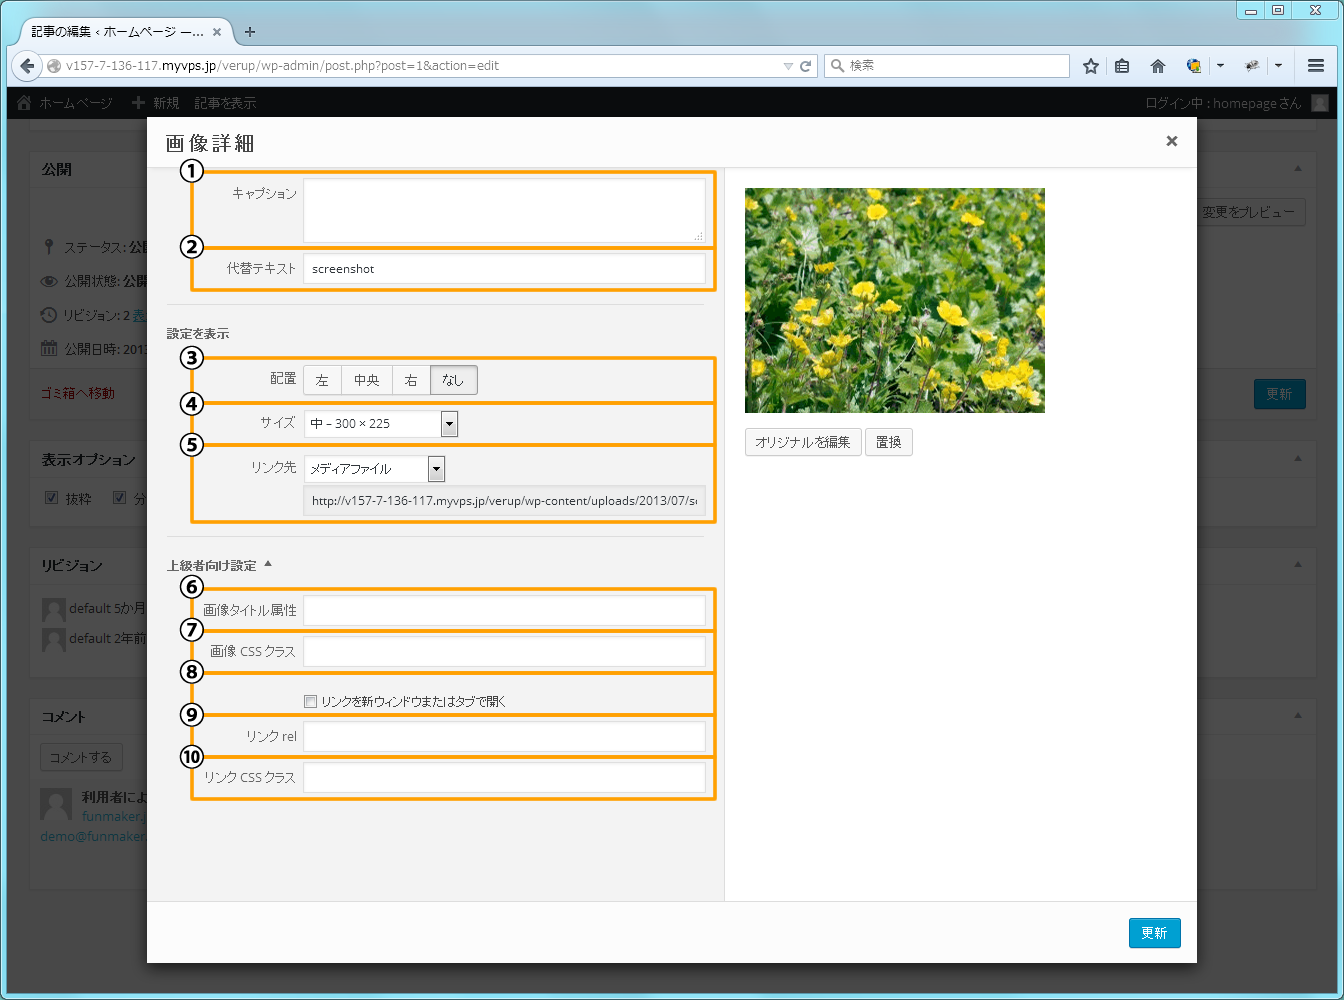 記事 追加画像の修正画面 | 初期費用無料ホームページ作成サイト - FunMaker